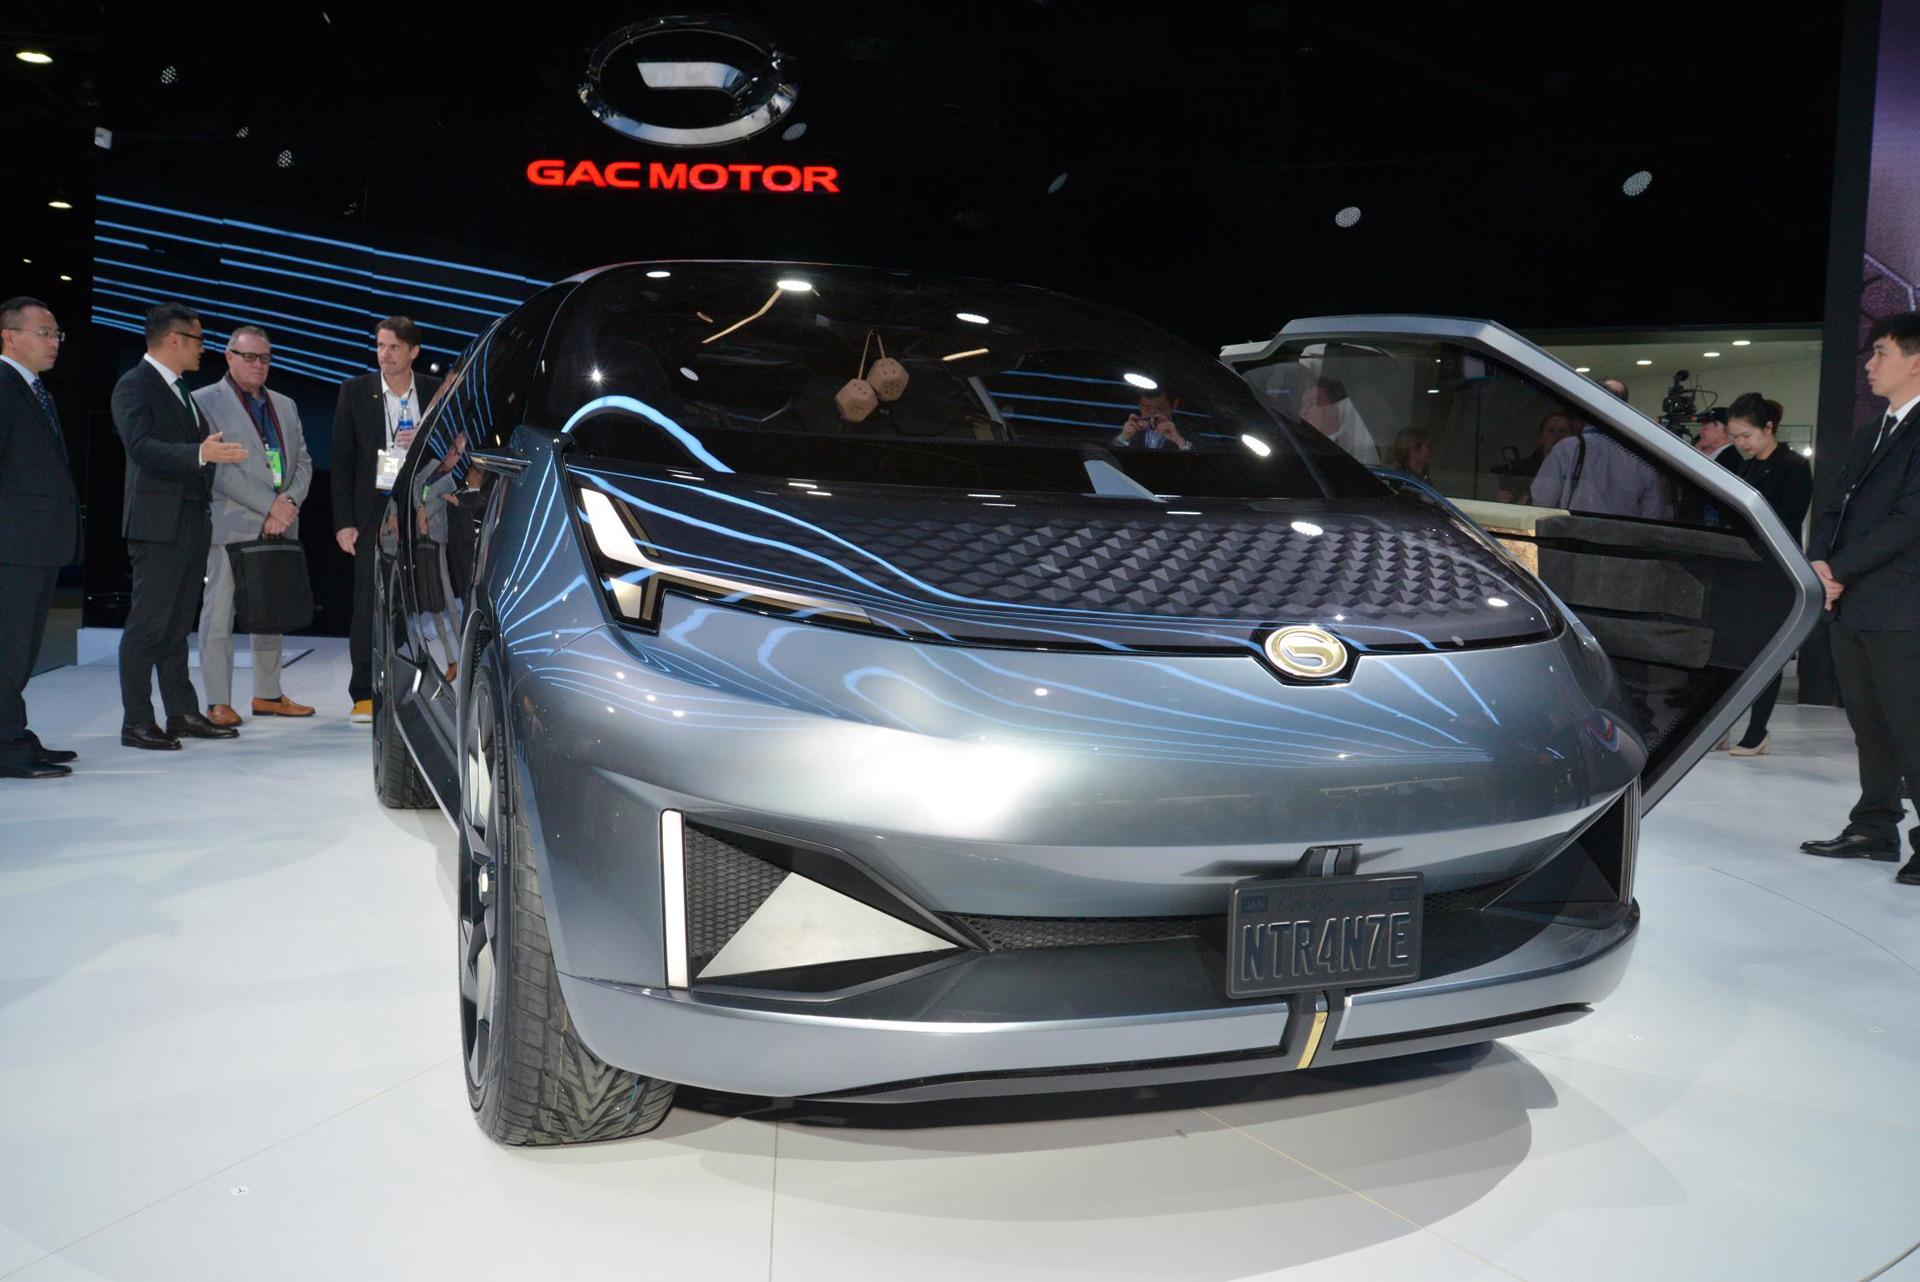 GAC returns to Detroit auto show with Entranze concept ...